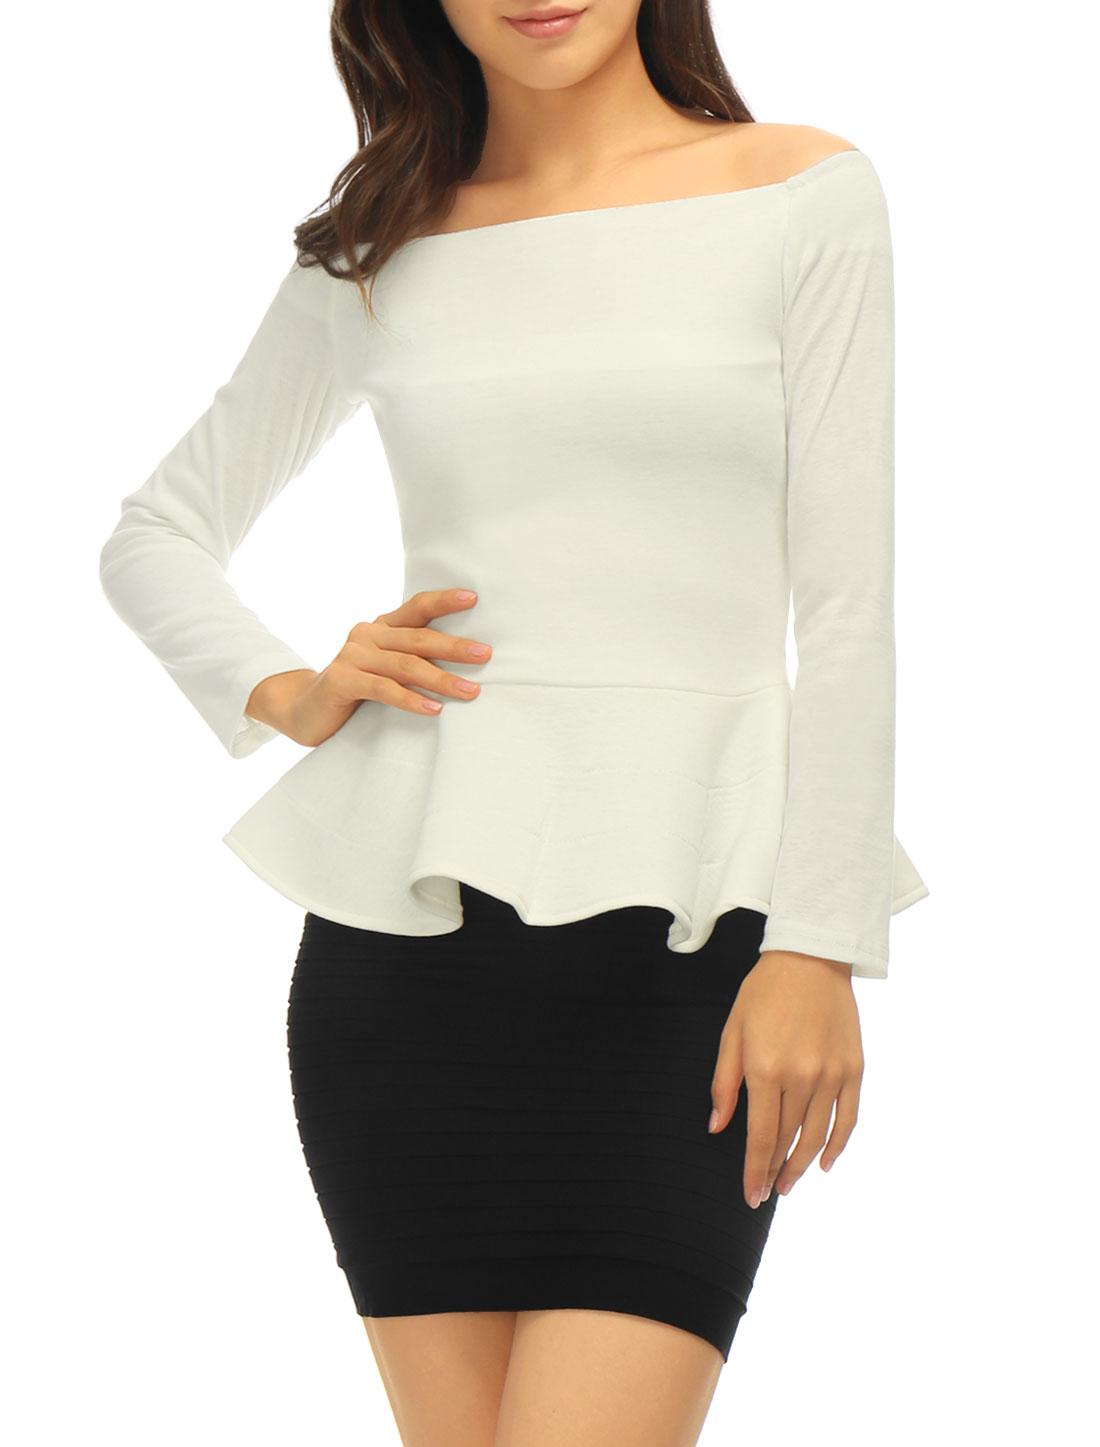 Women Off Shoulder Long Sleeves Slim Fit Peplum Top White M